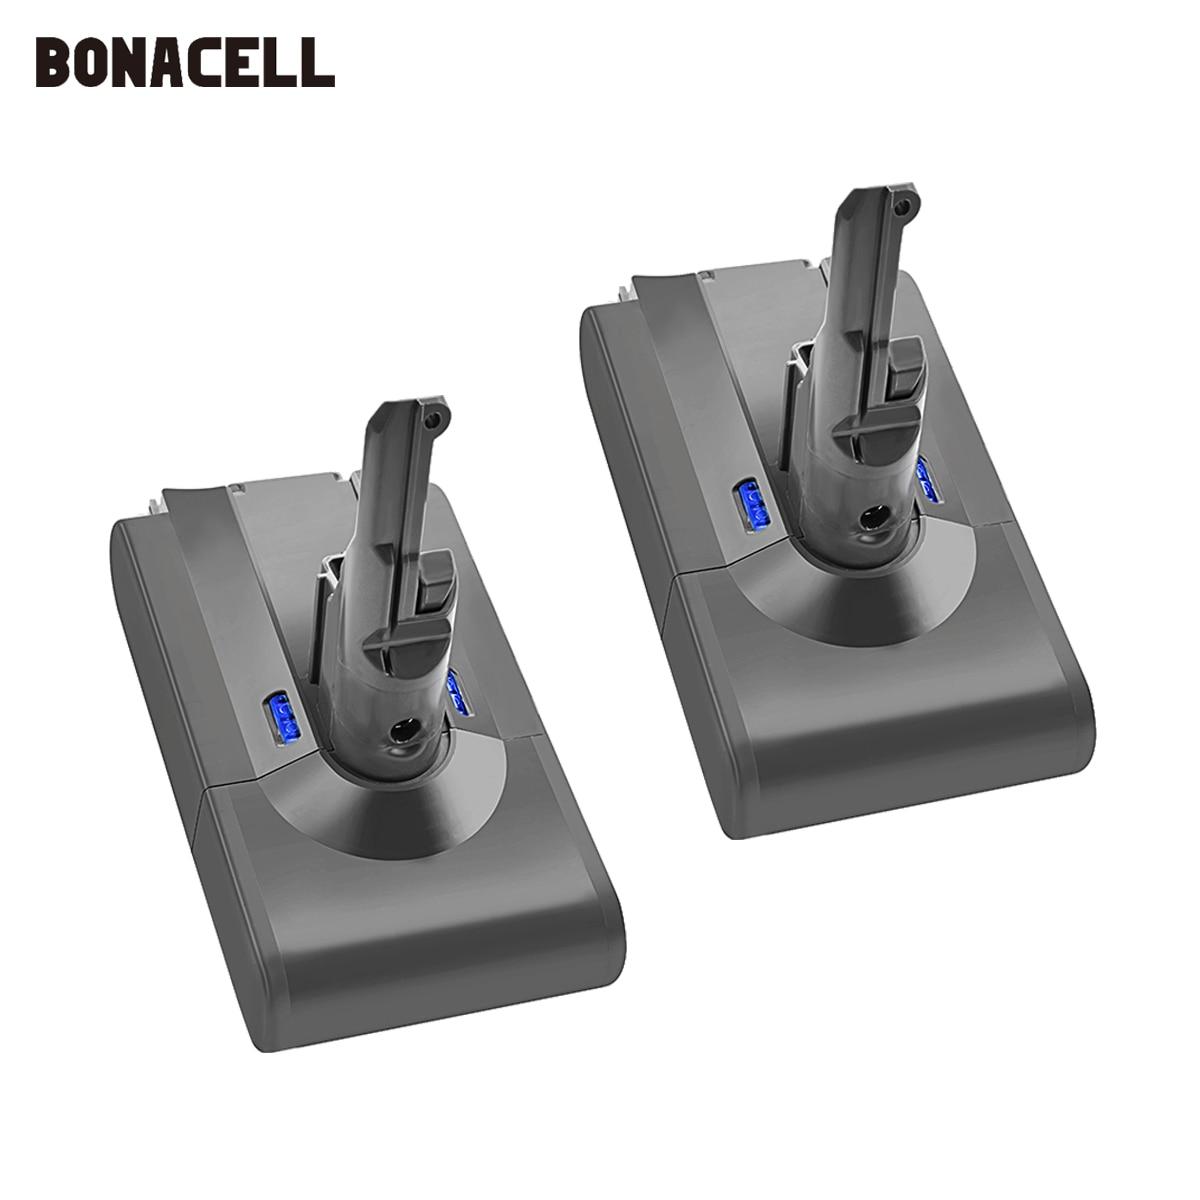 Bonacell V8 4000mAh 21.6V Battery For Dyson V8 Battery Absolute V8 Animal Li-ion SV10 Vacuum Cleaner Rechargeable BATTERY L70